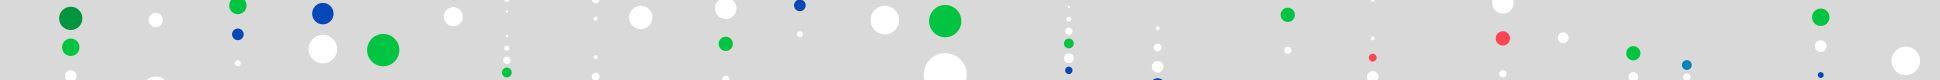 ITEA 4 page header grey dots